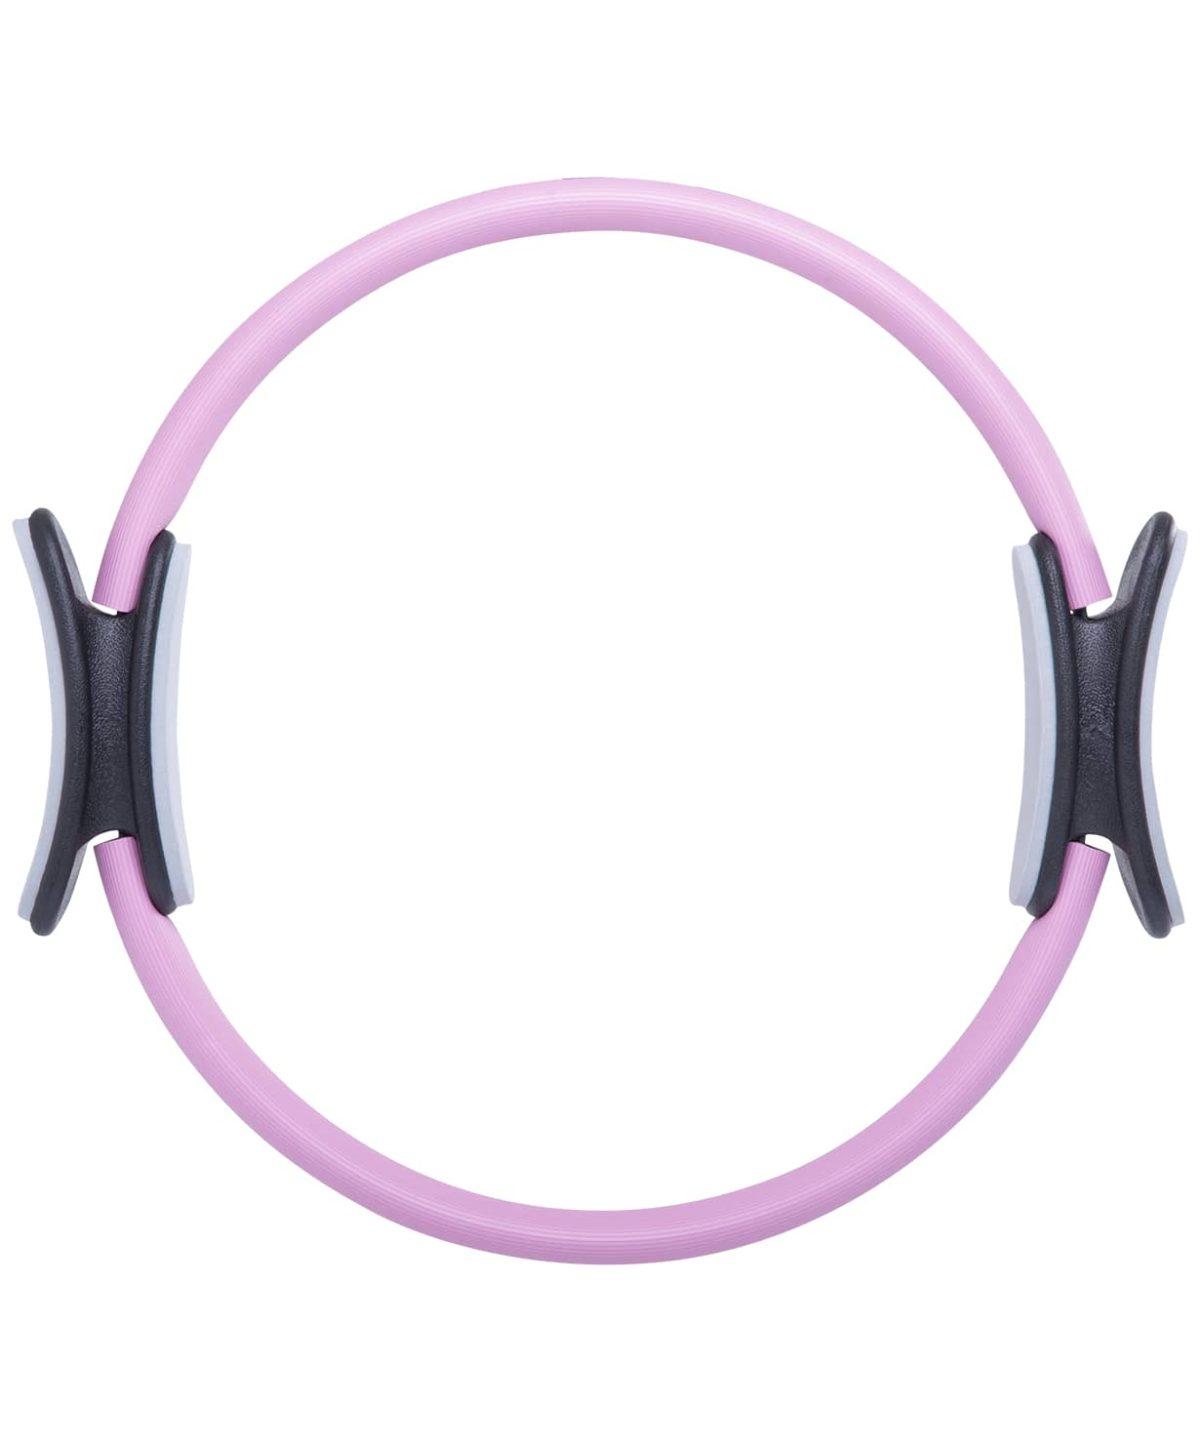 STARFIT Кольцо для пилатеса  FA-0402: розовый - 3